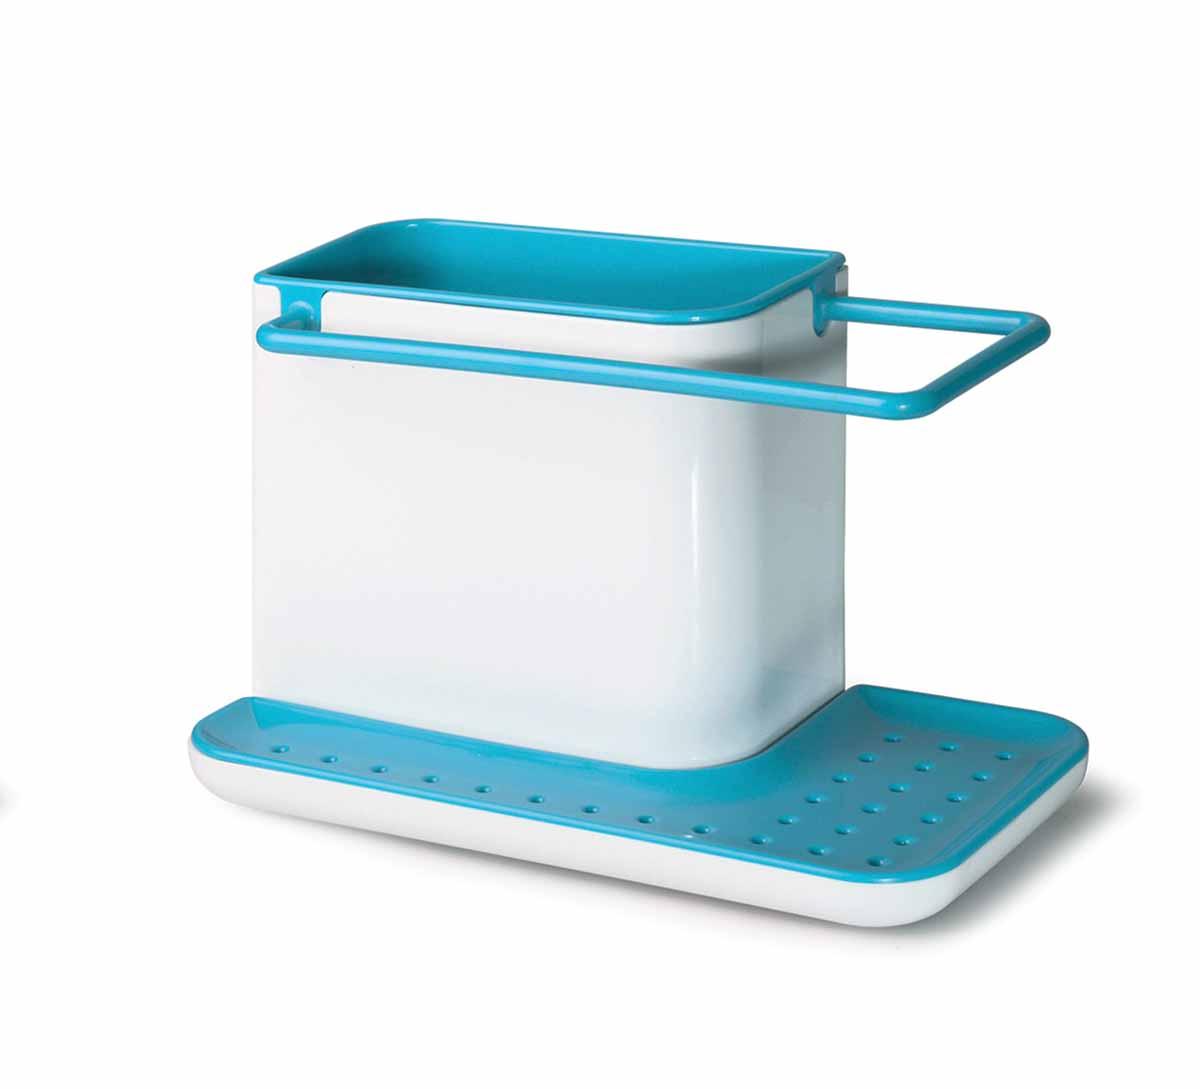 Подставка для кухонных принадлежностей Идея Mr. Чистоff, цвет: белый, голубойPDS-02Подставка для кухонных принадлежностей Идея Mr. Чистоff поможет навести на кухне полный порядок и расставить все по своим местам. В ней найдется место для кухонной салфетки, моющего средства, ершика и губки. Подставка не только поможет вам держать под рукой необходимые для мытья посуды принадлежности, но и прекрасно подойдет к интерьеру любой кухни.Кухонную салфетку можно повесить на рейлинг, где она быстрей высохнет, а губку для мытья посуды положить на решетку. Вся вода, которая будет стекать с моющих принадлежностей, соберётся в специальном поддоне. Подставку можно расположить в любом удобном месте, при необходимости она легко разбирается и моется. Размер подставки: 21 см х 11,5 см х 13,5 см.